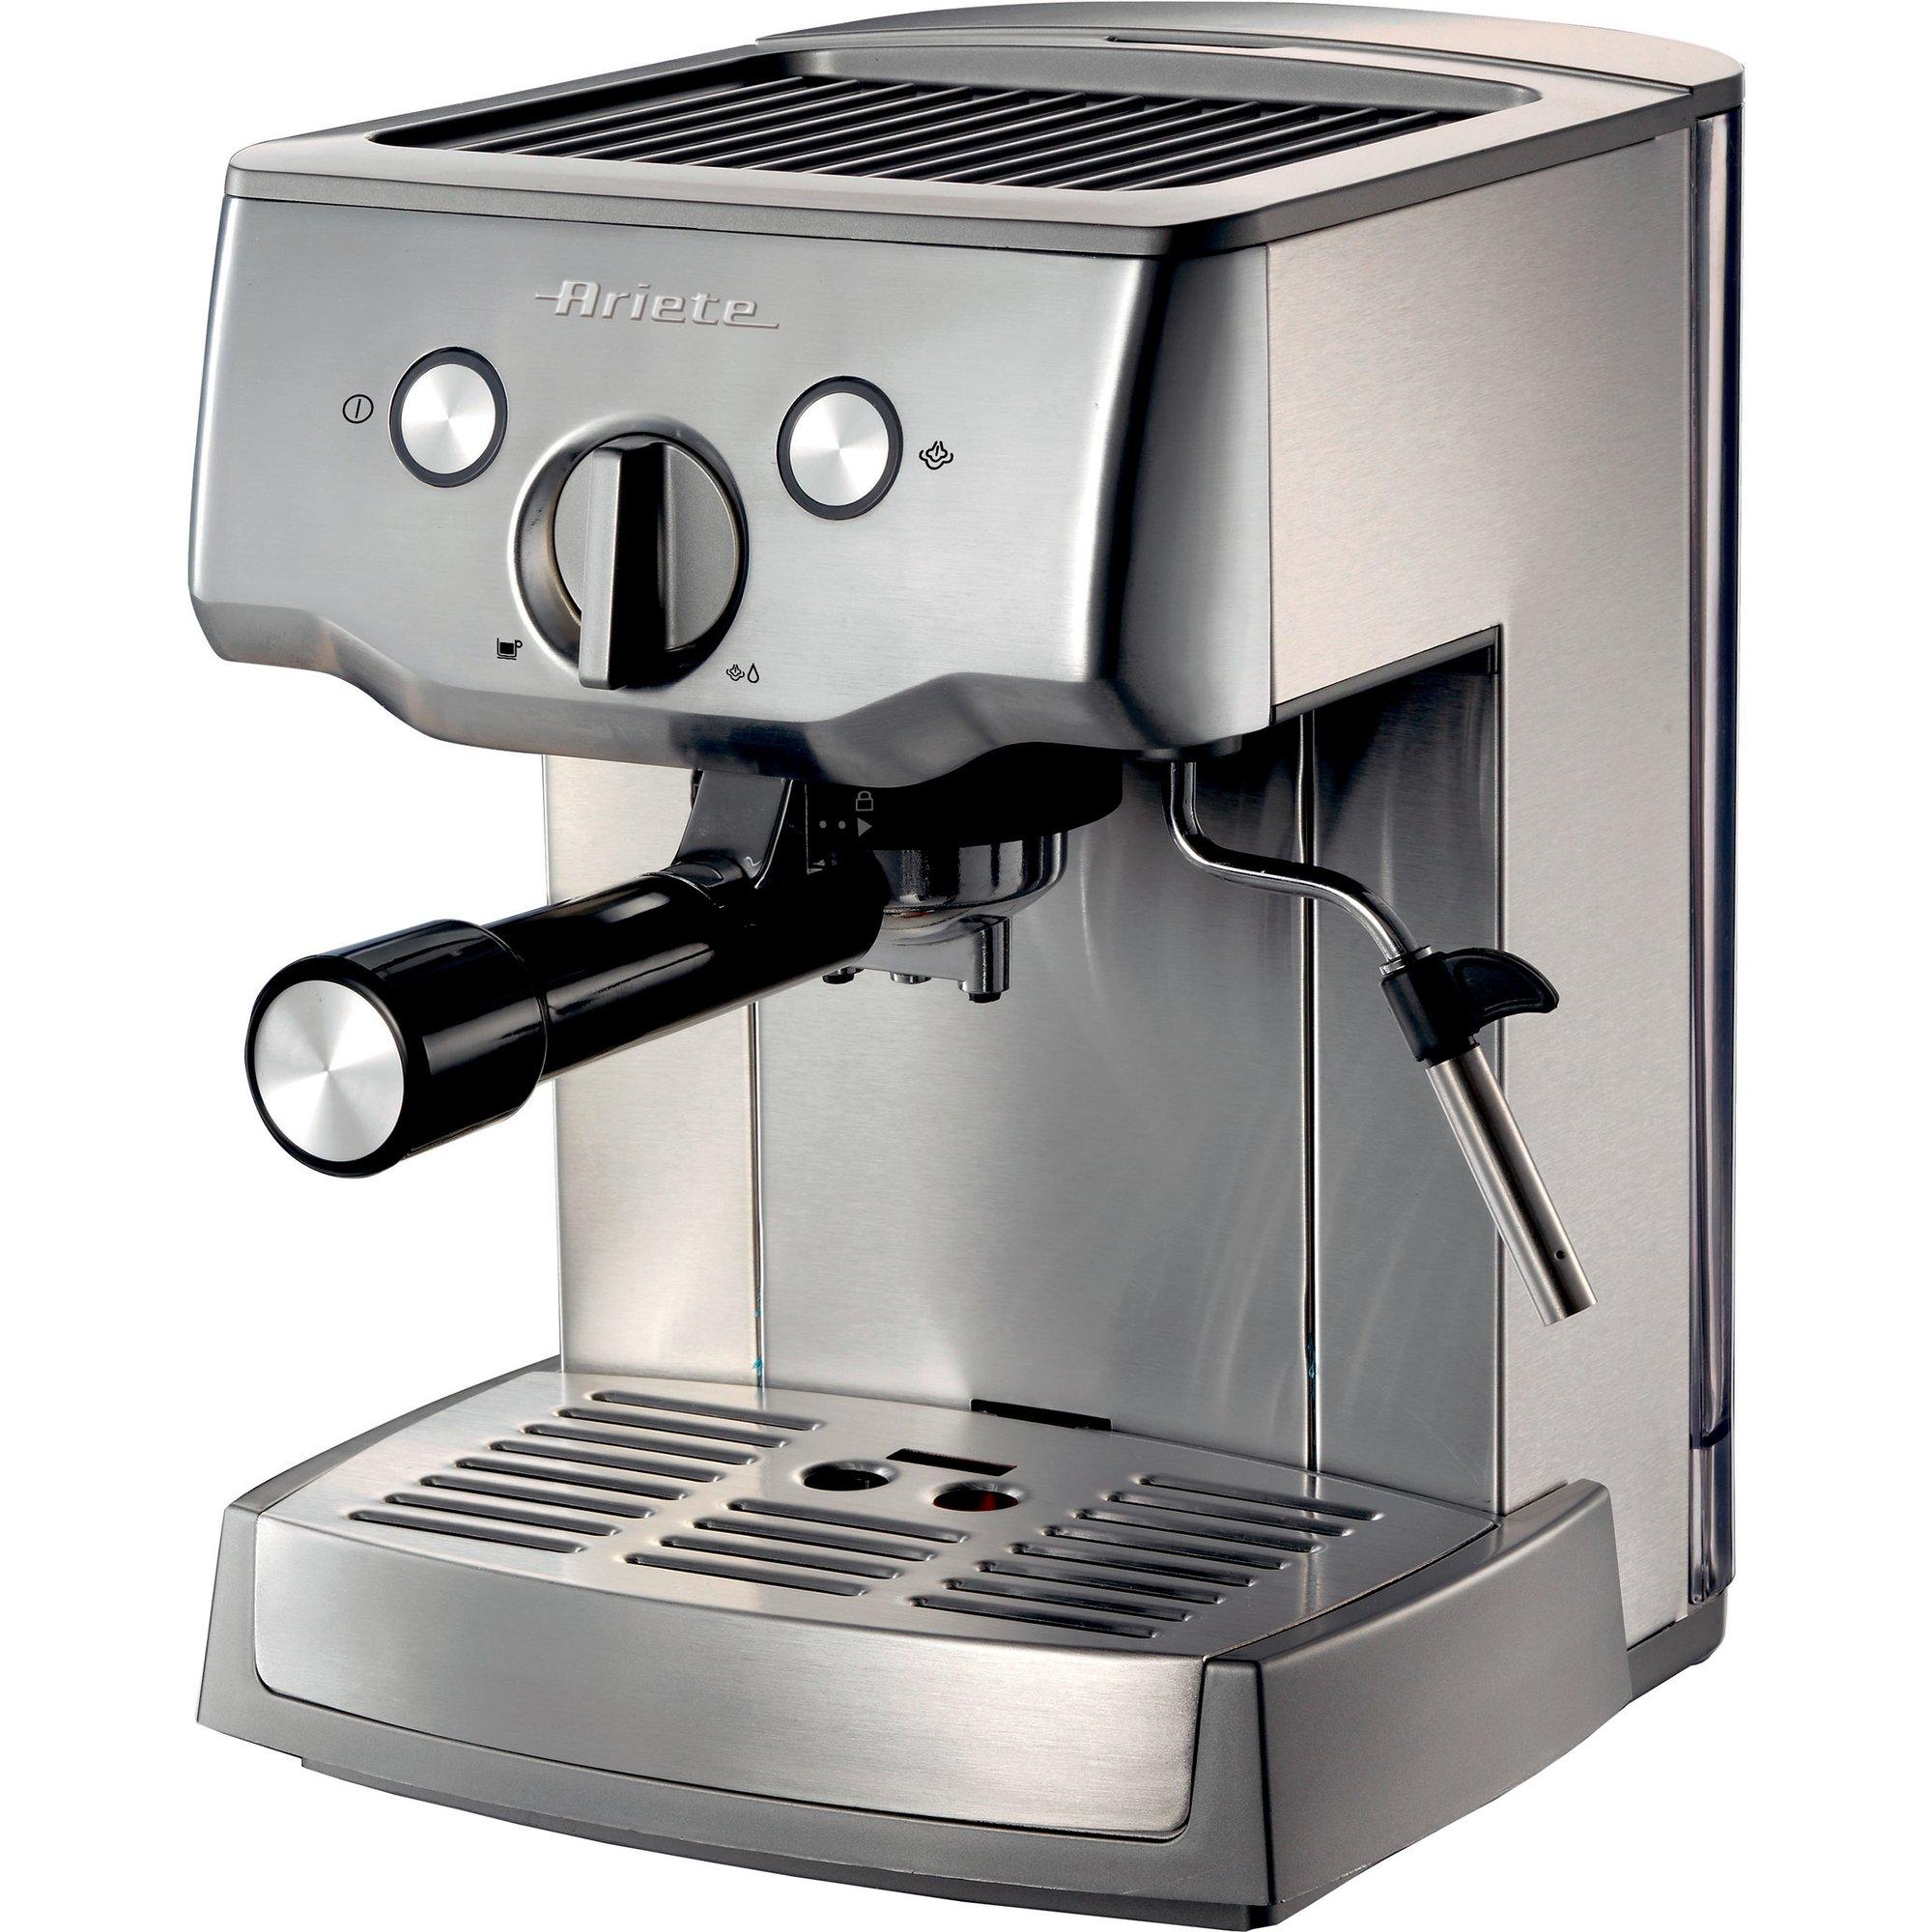 Billede af Ariete Espressomaskine m. mælkeskummer